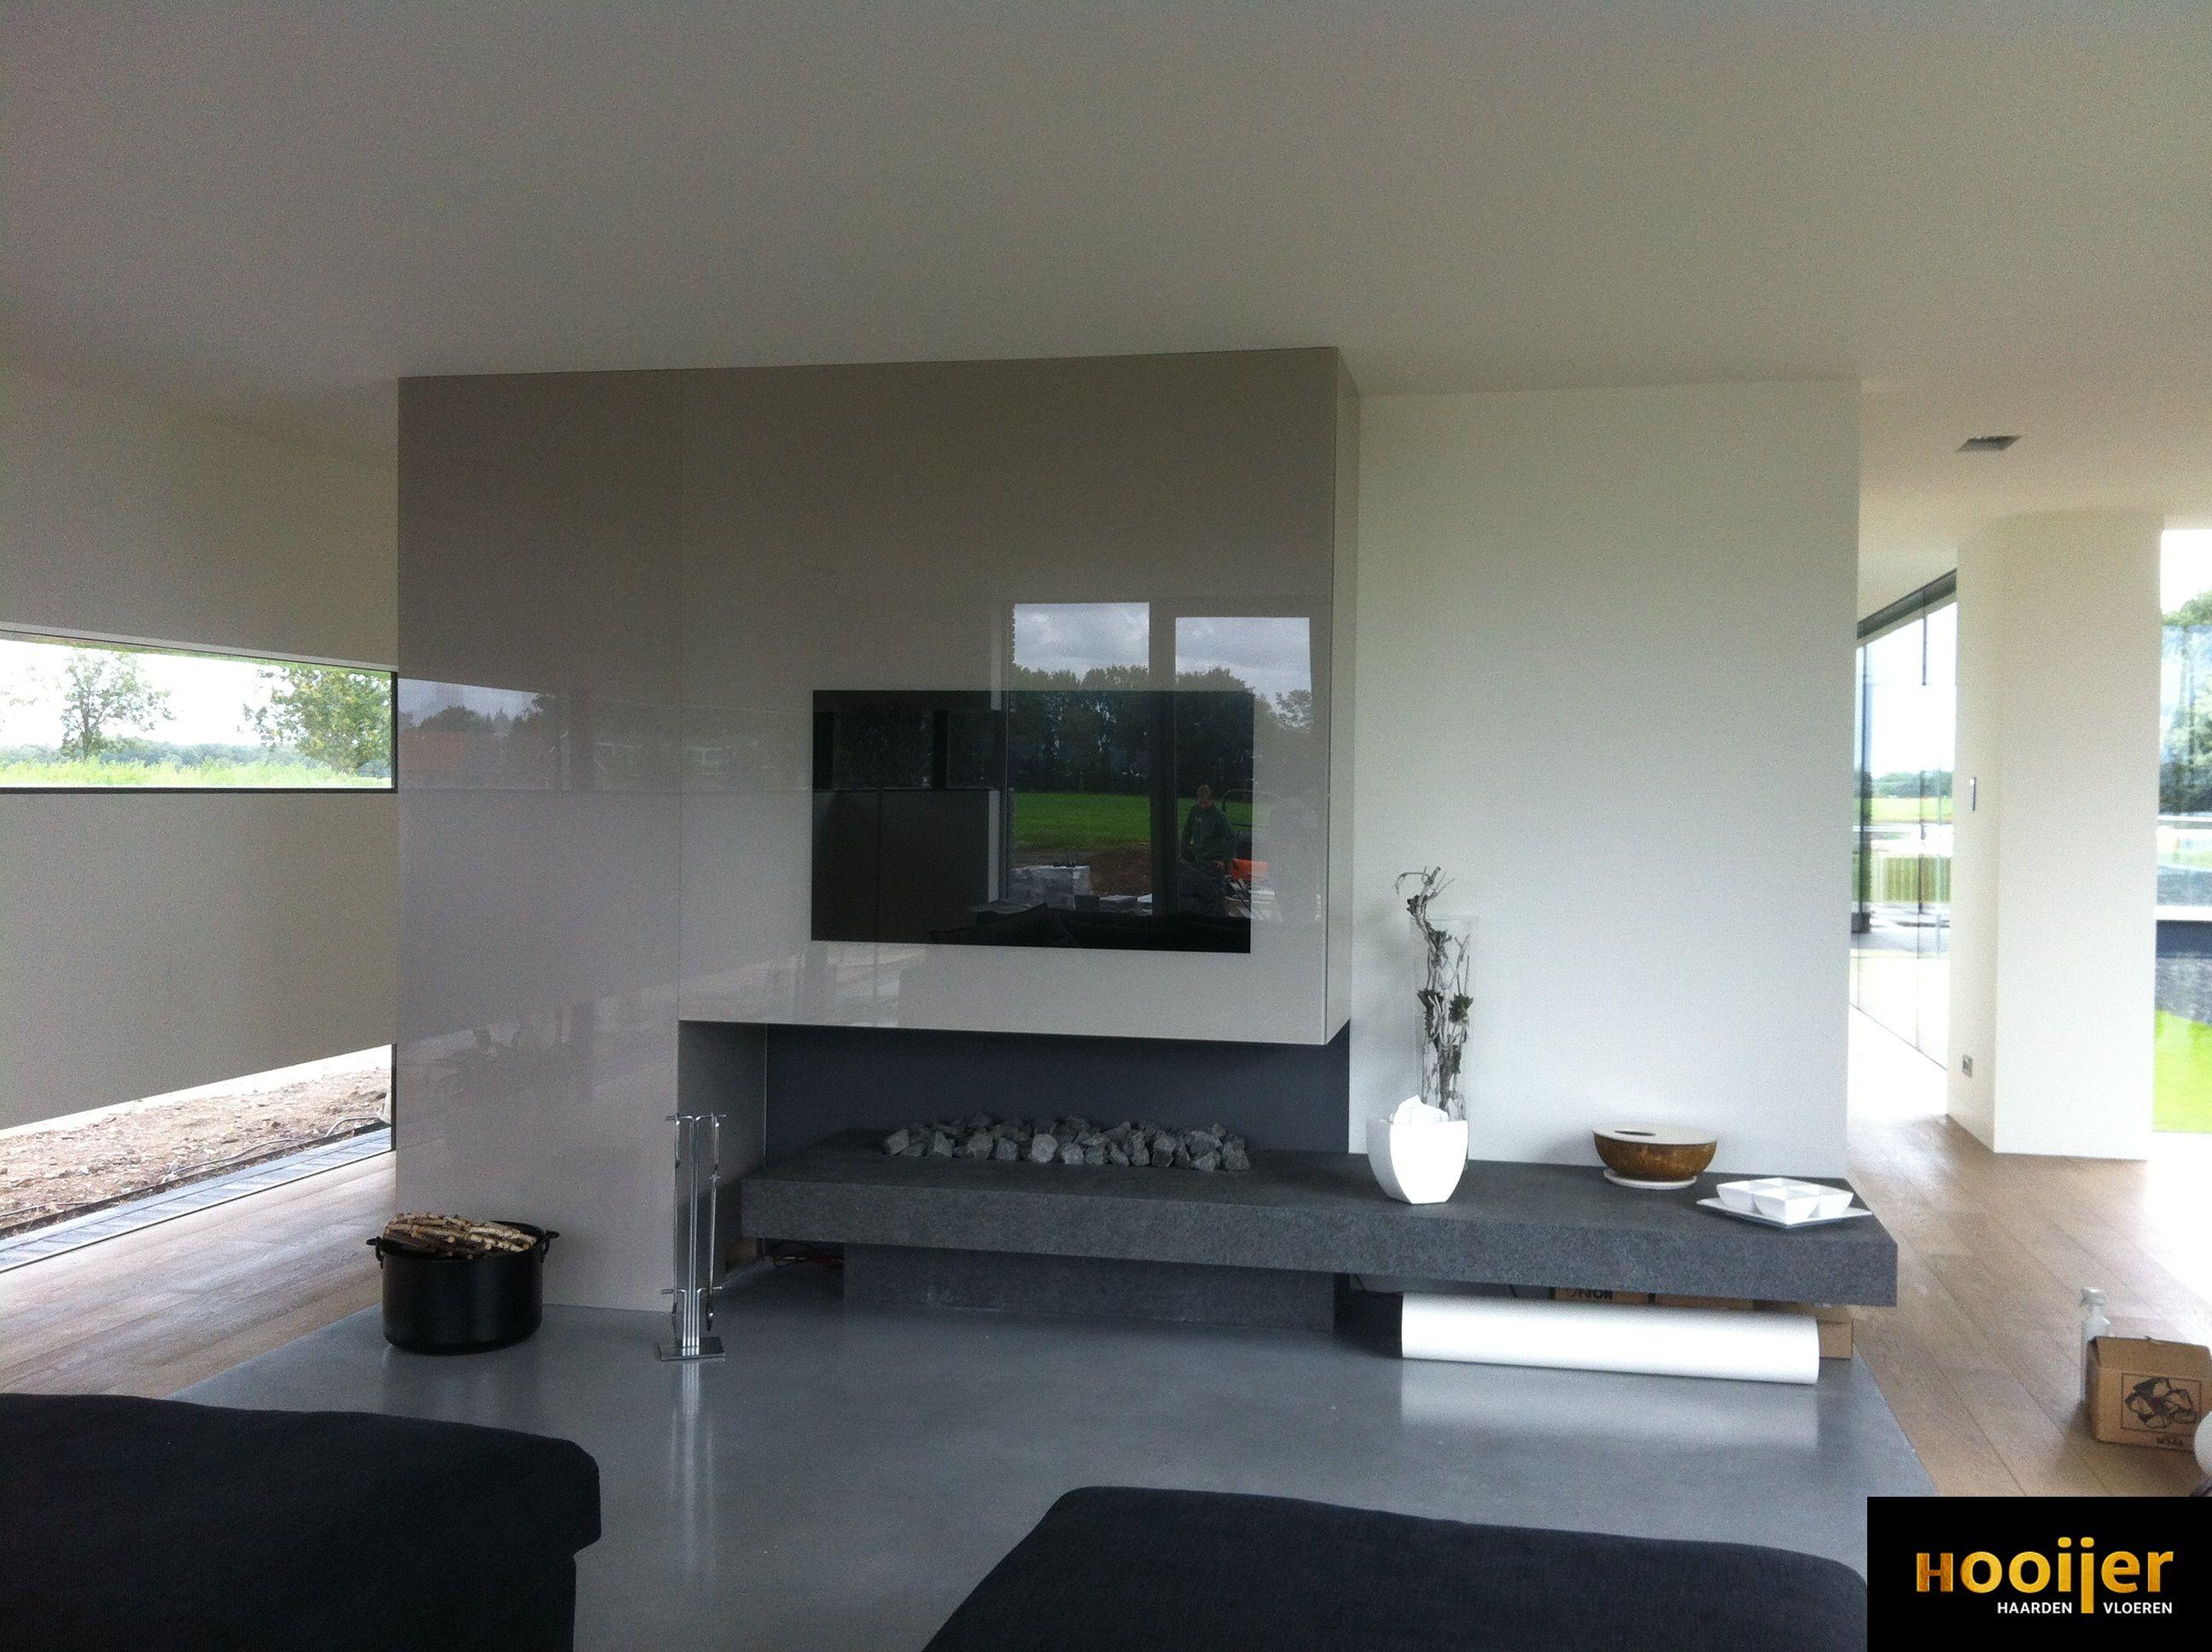 Moderne Glazen Tv Meubel.Moderne Open Gashaard Met Maatwerk Tv Meubel En Plateau Van